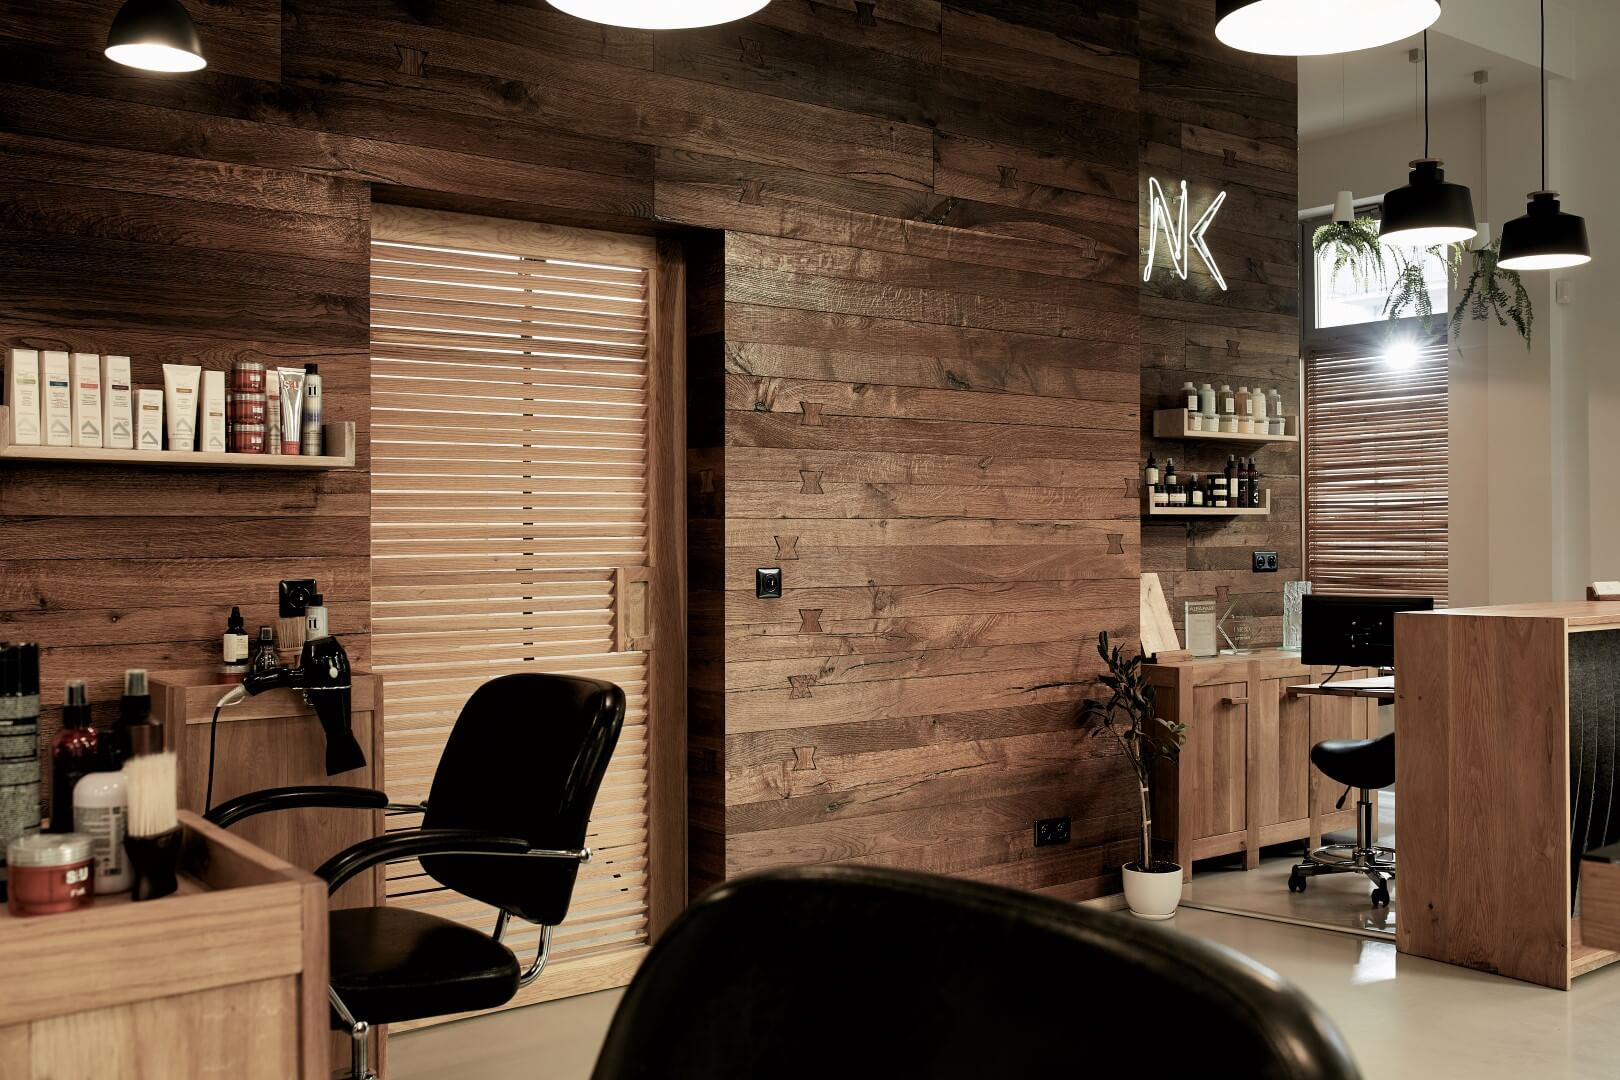 Salon fryzjerski wroclaw